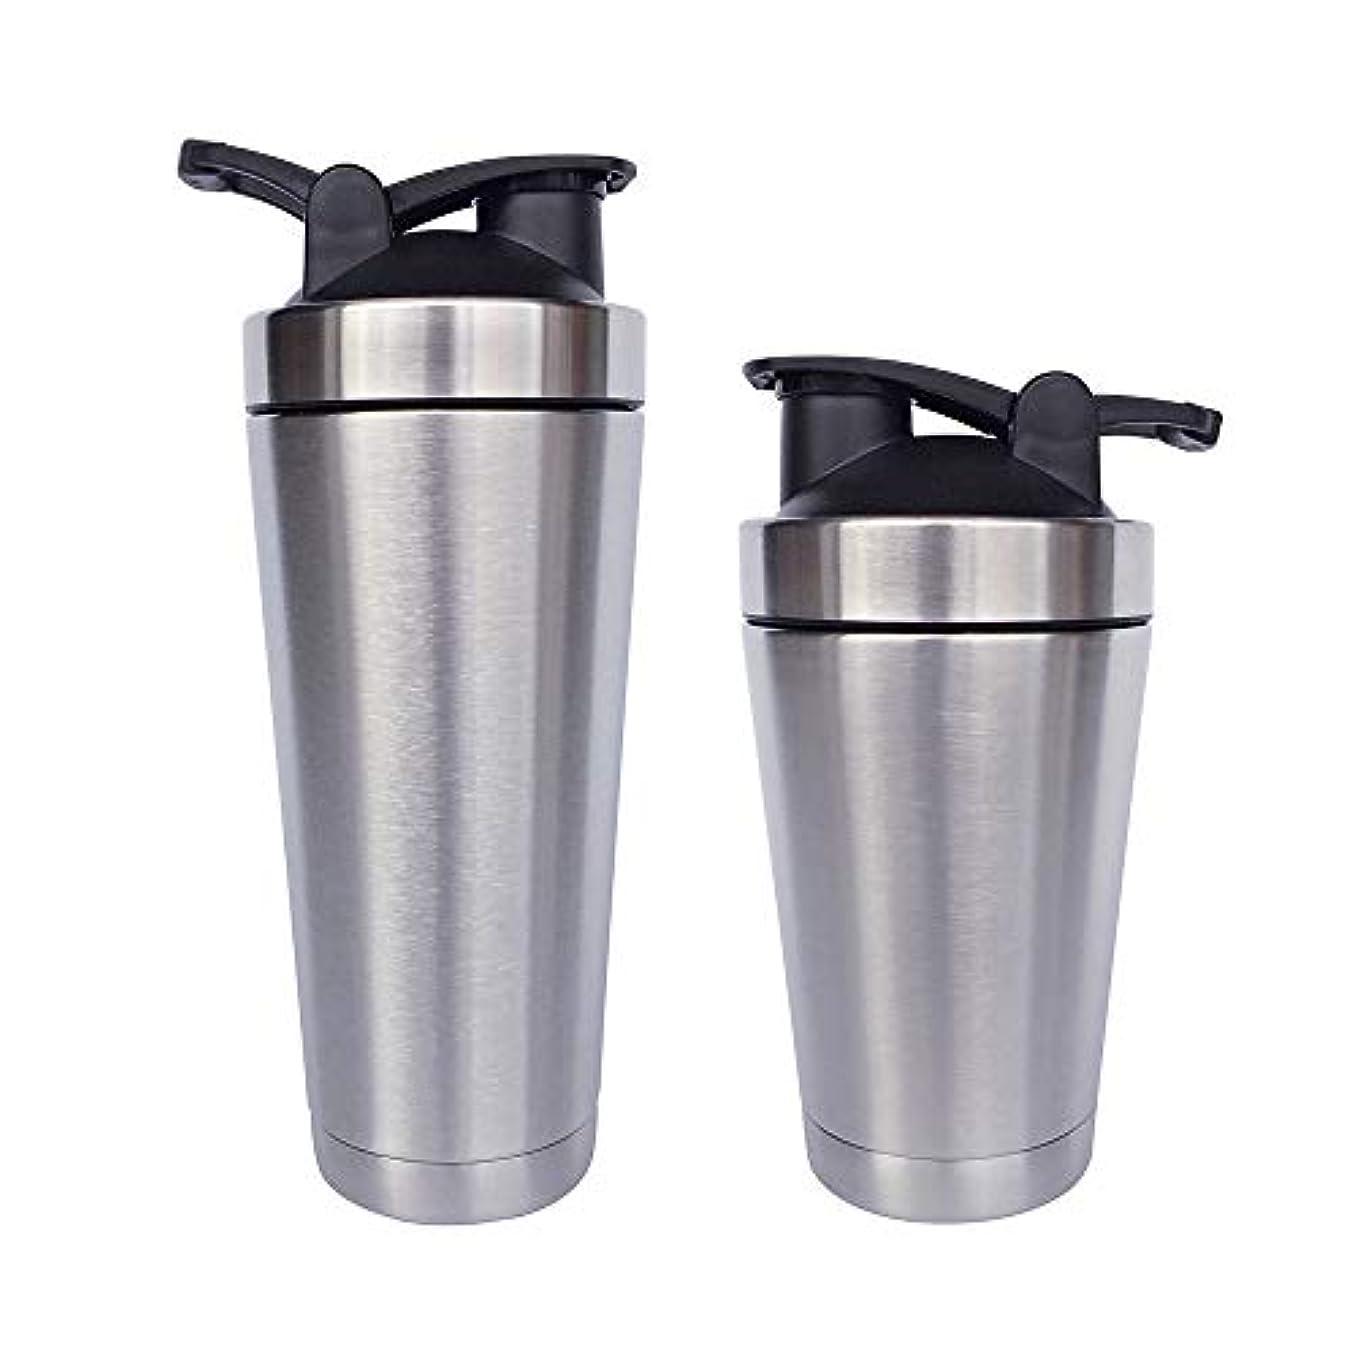 登録一晩配分シェーカーボトル-二重壁ステンレス鋼 & 真空断熱-時間のためのホットまたはコールドドリンクをキープ-臭気耐性抗菌汗プルーフ-環境にやさしい無毒 (銀),500ML